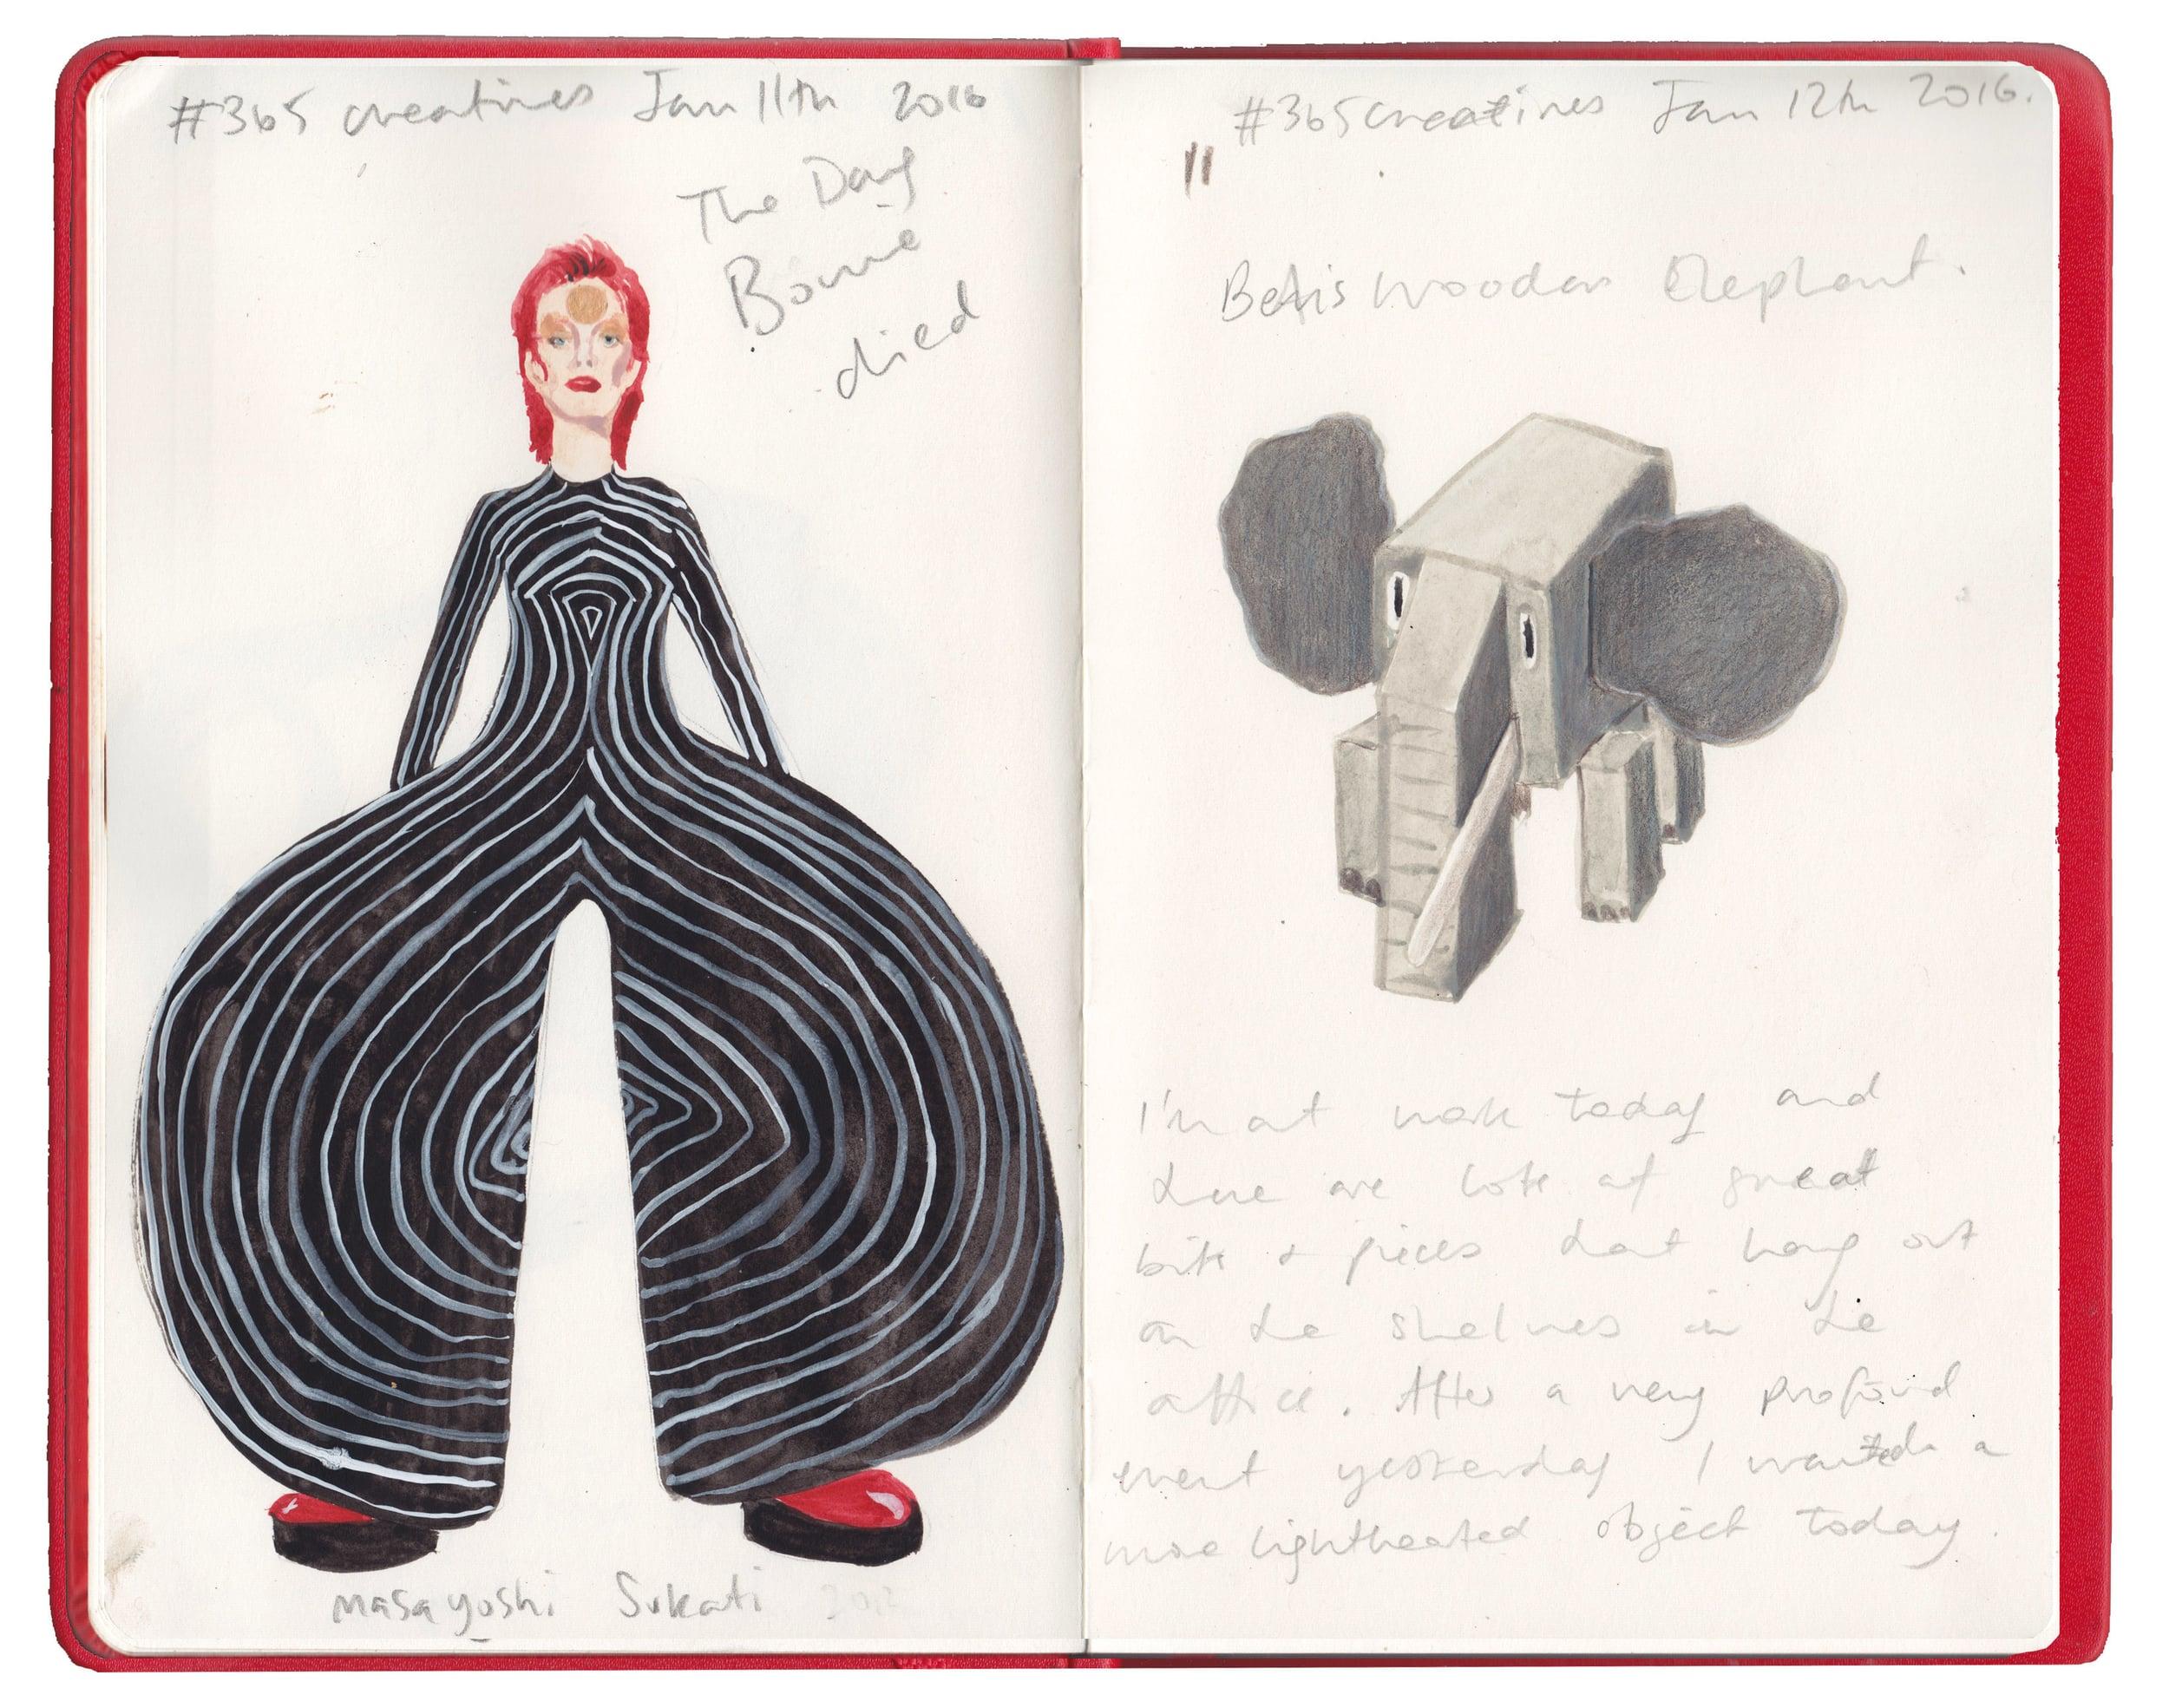 sketchbookday11-12.jpg